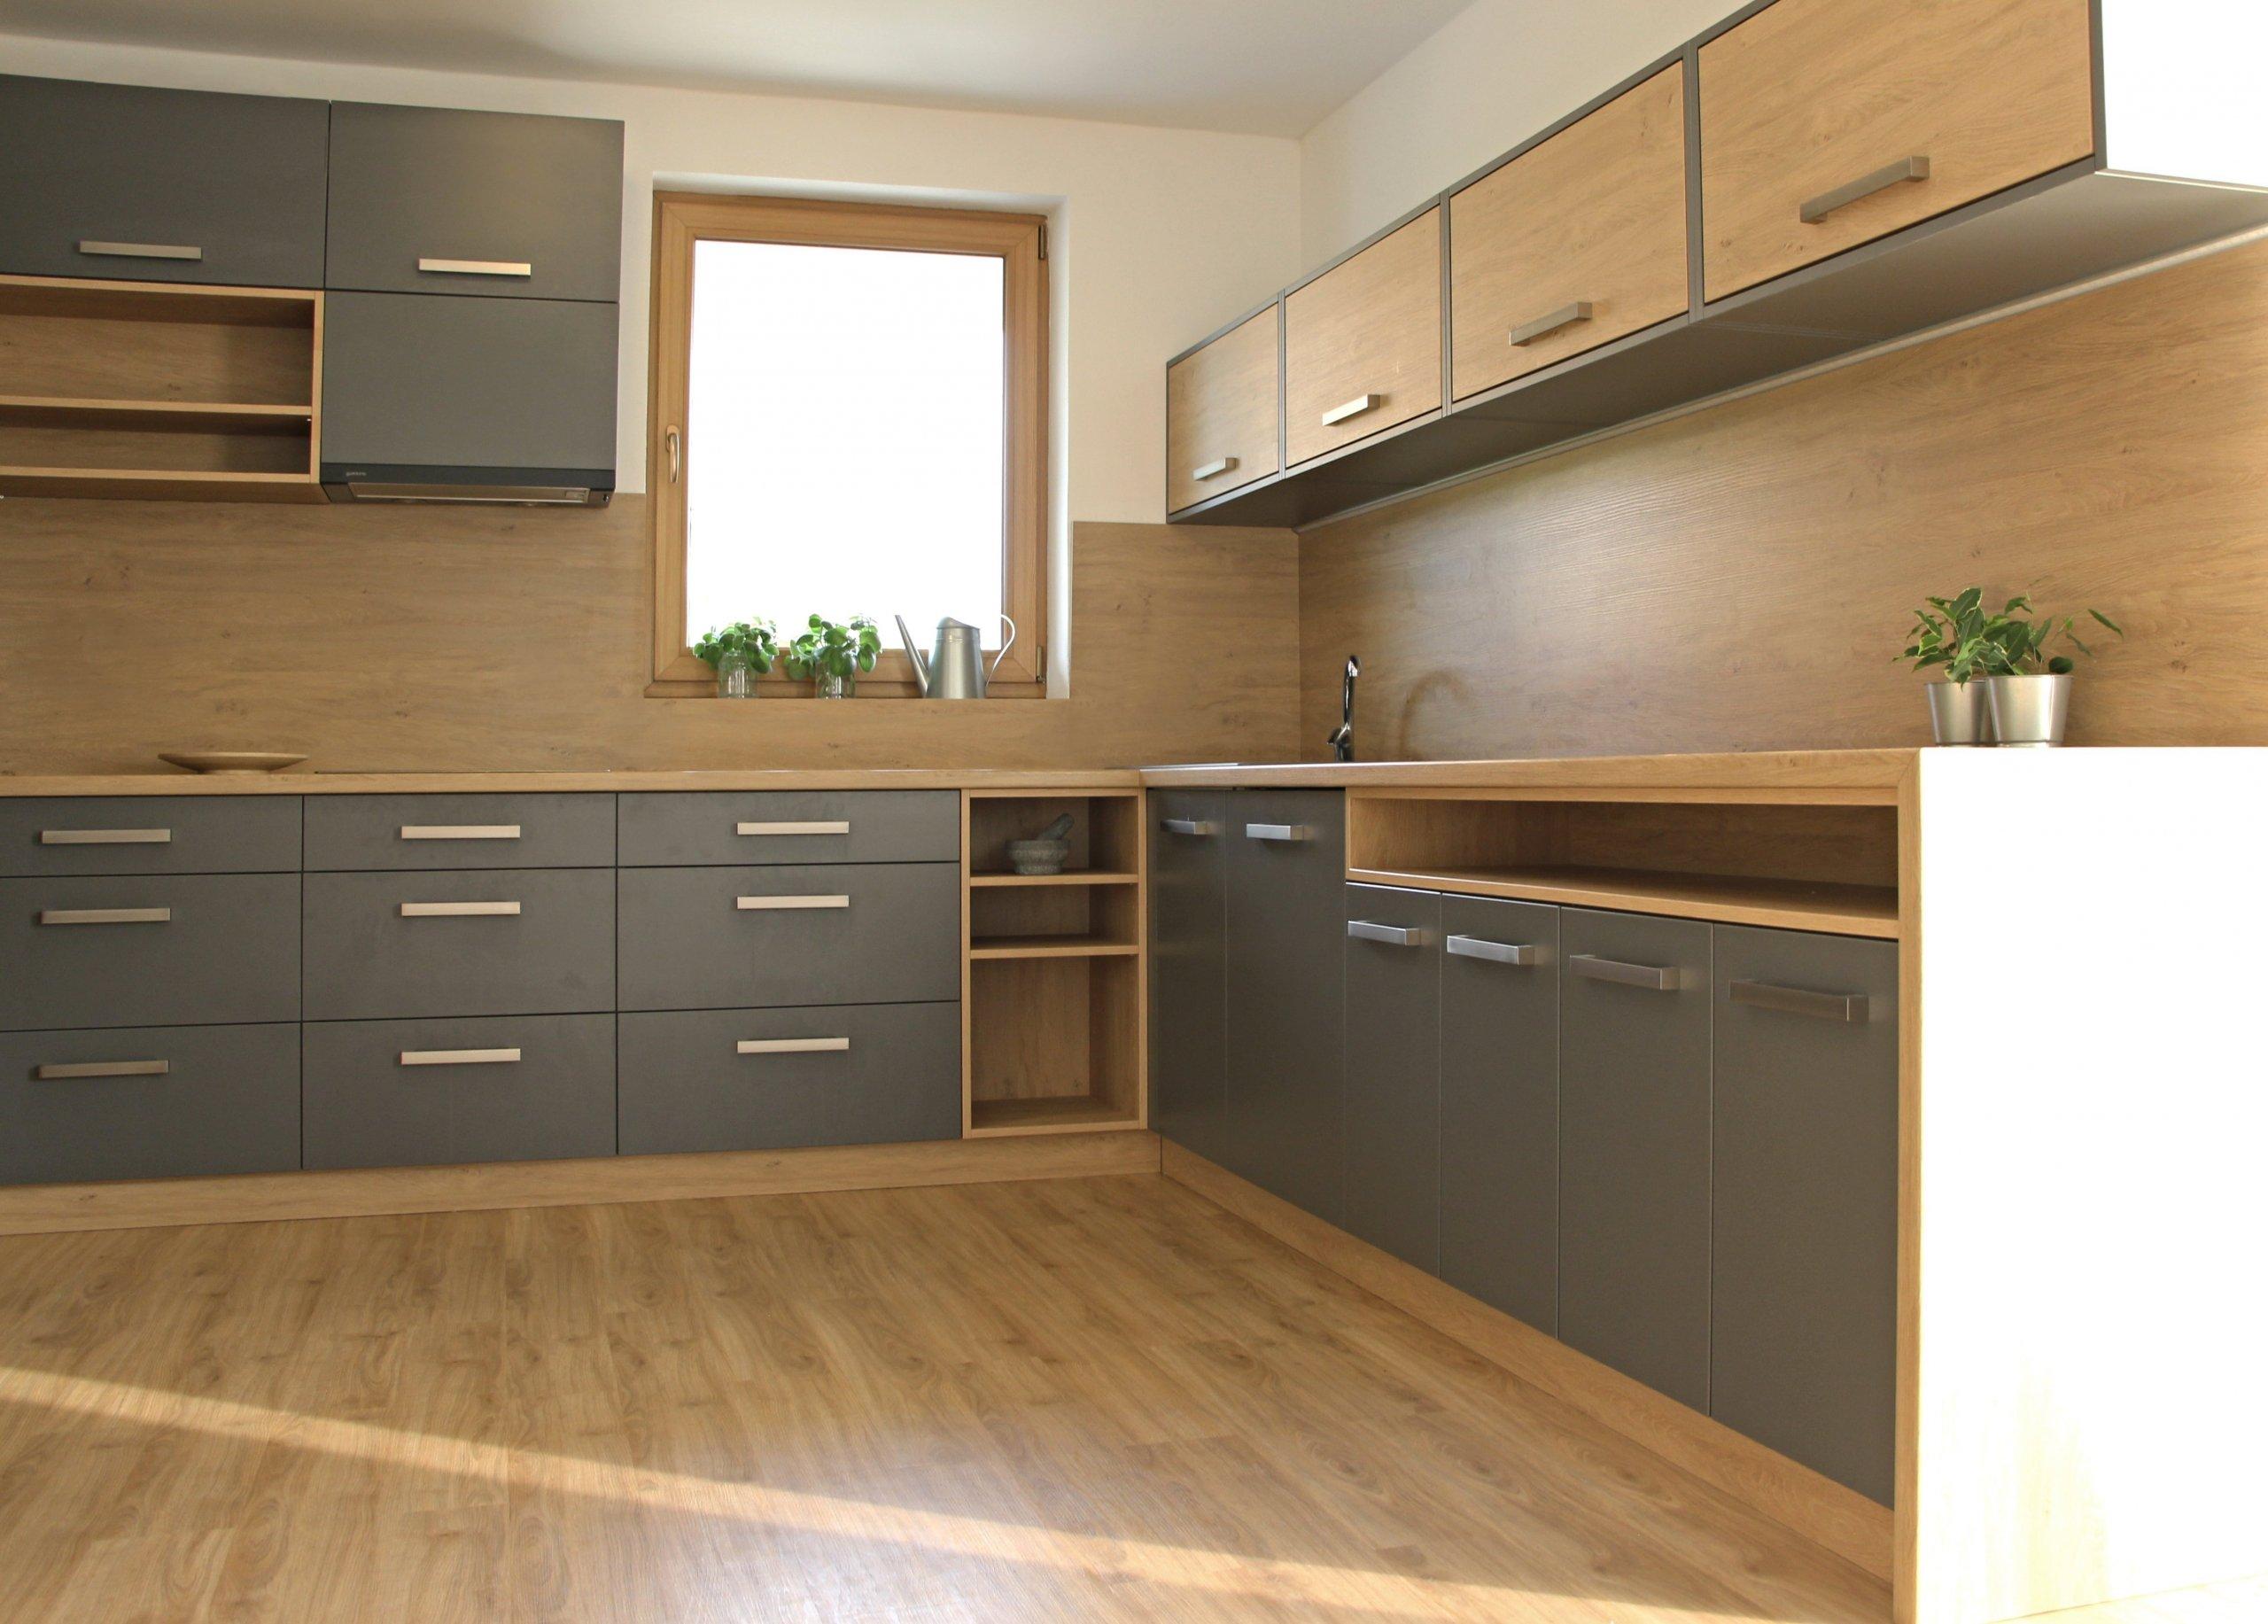 Rodinný dům se nachází vobci Doubravice a je navržen jako jednoduchý bungalow. Obytná plocha 150 m2 je rozdělena mezi velkorysý obytný pokoj s&nbsp…